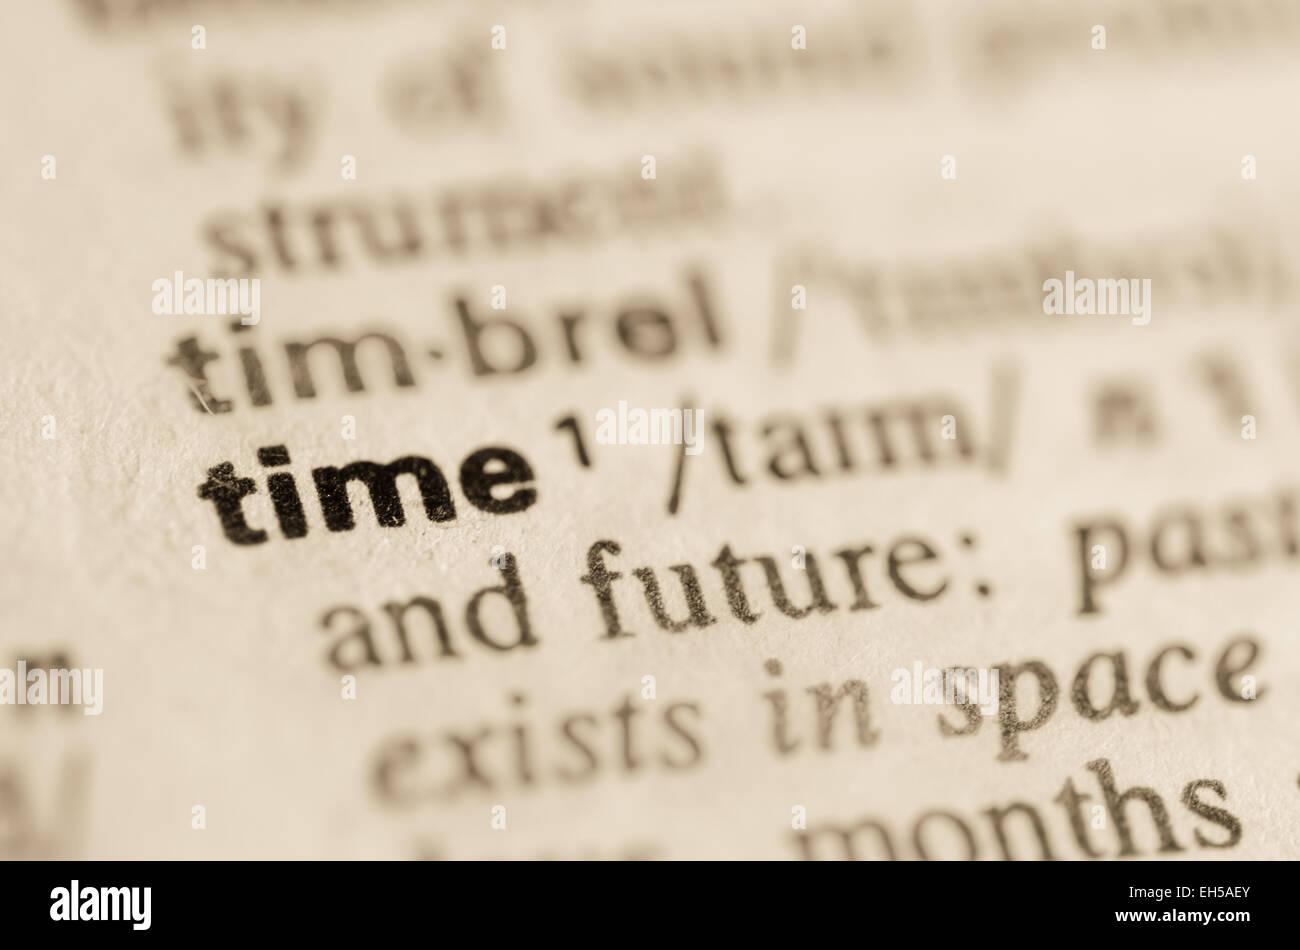 Definición del tiempo de palabra en el diccionario. Imagen De Stock